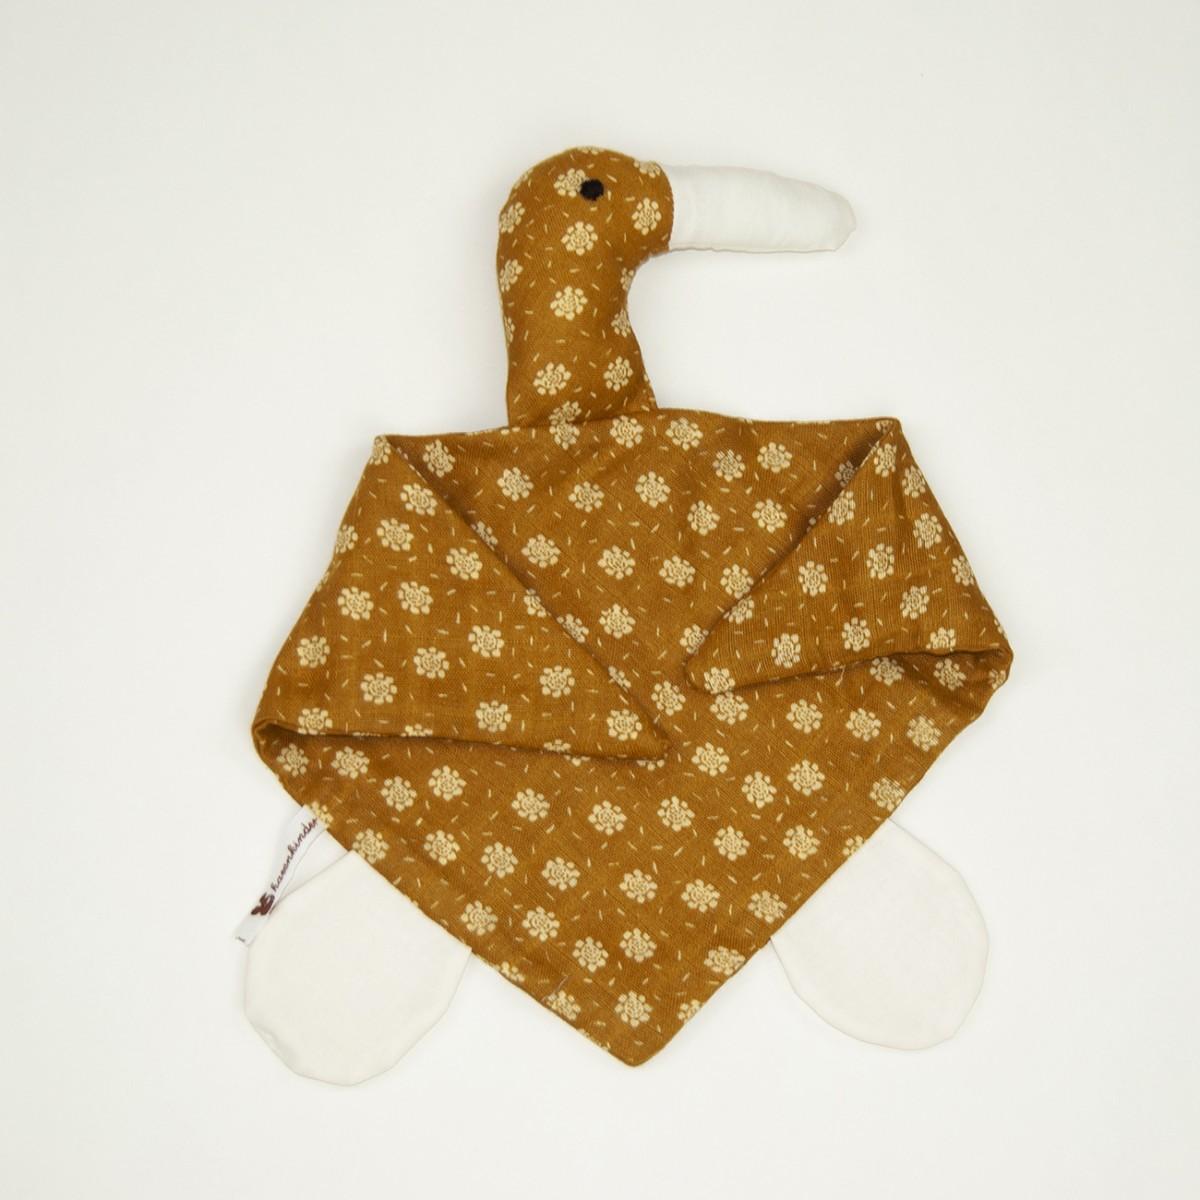 hasenkinder - Kuscheltuch ocker 45x29 cm - für Babys - Einzelstück